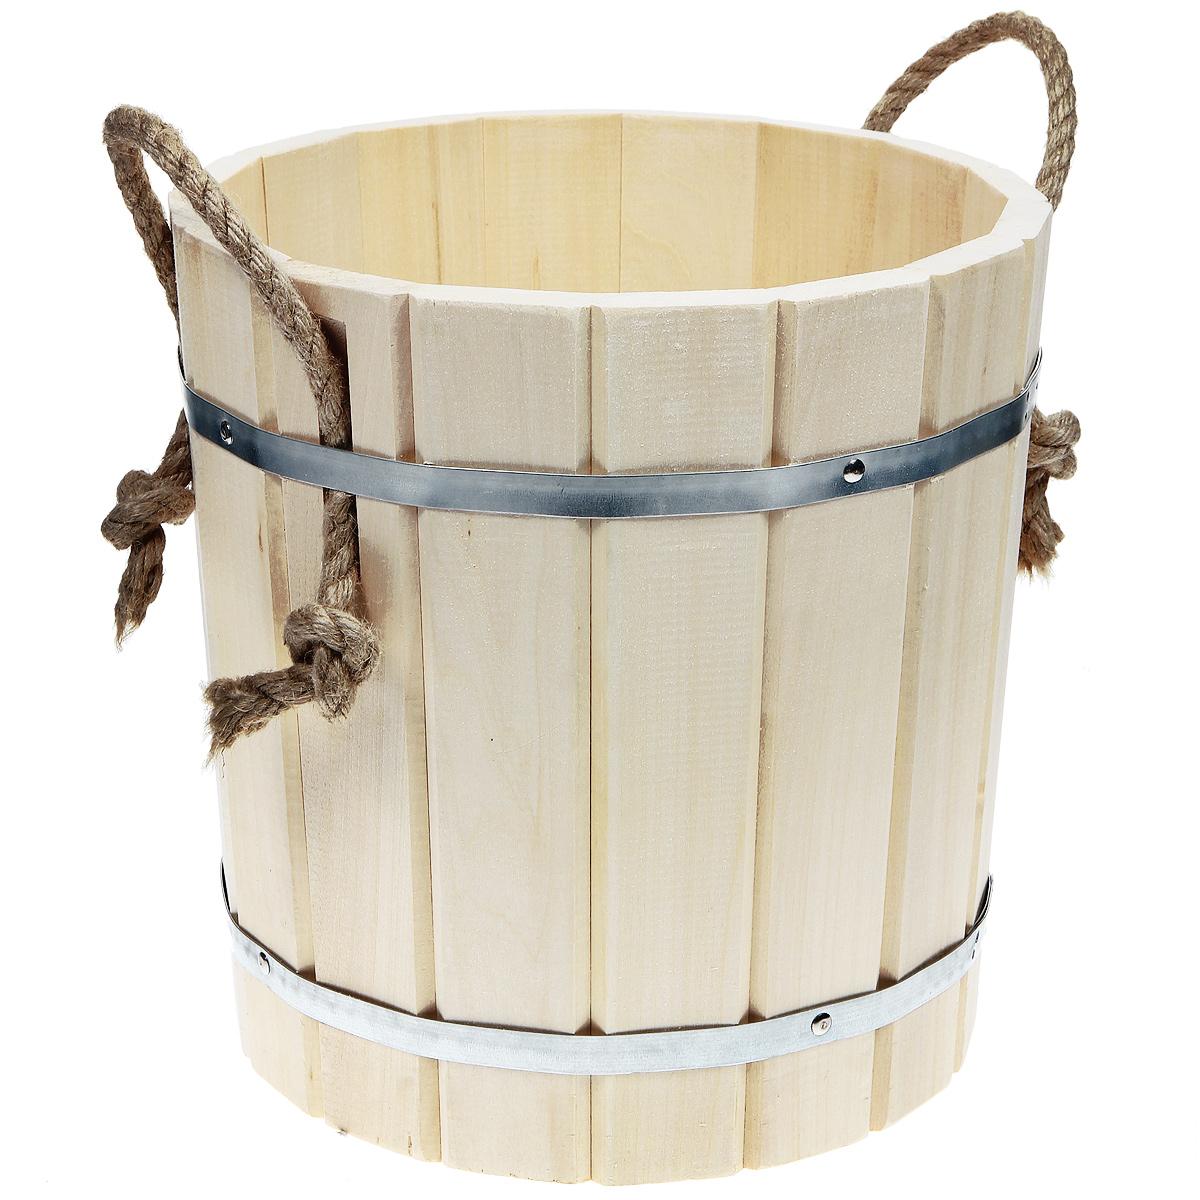 Запарник Банные штучки, с веревочными ручками, 15 лZ-0307Запарник Банные штучки, изготовленный из дерева (липы), доставит вам настоящее удовольствие от банной процедуры. При запаривании веник обретает свою природную силу и сохраняет полезные свойства. Корпус запарника состоит из металлических обручей, стянутых клепками. Для более удобного использования запарник имеет веревочные ручки. Интересная штука - баня. Место, где одинаково хорошо и в компании, и в одиночестве. Перекресток, казалось бы, разных направлений - общение и здоровье. Приятное и полезное. И всегда в позитиве. Характеристики:Материал: дерево (липа), металл. Высота запарника: 32 см. Диаметр запарника по верхнему краю: 31 см. Объем: 15 л. Артикул: 32017.